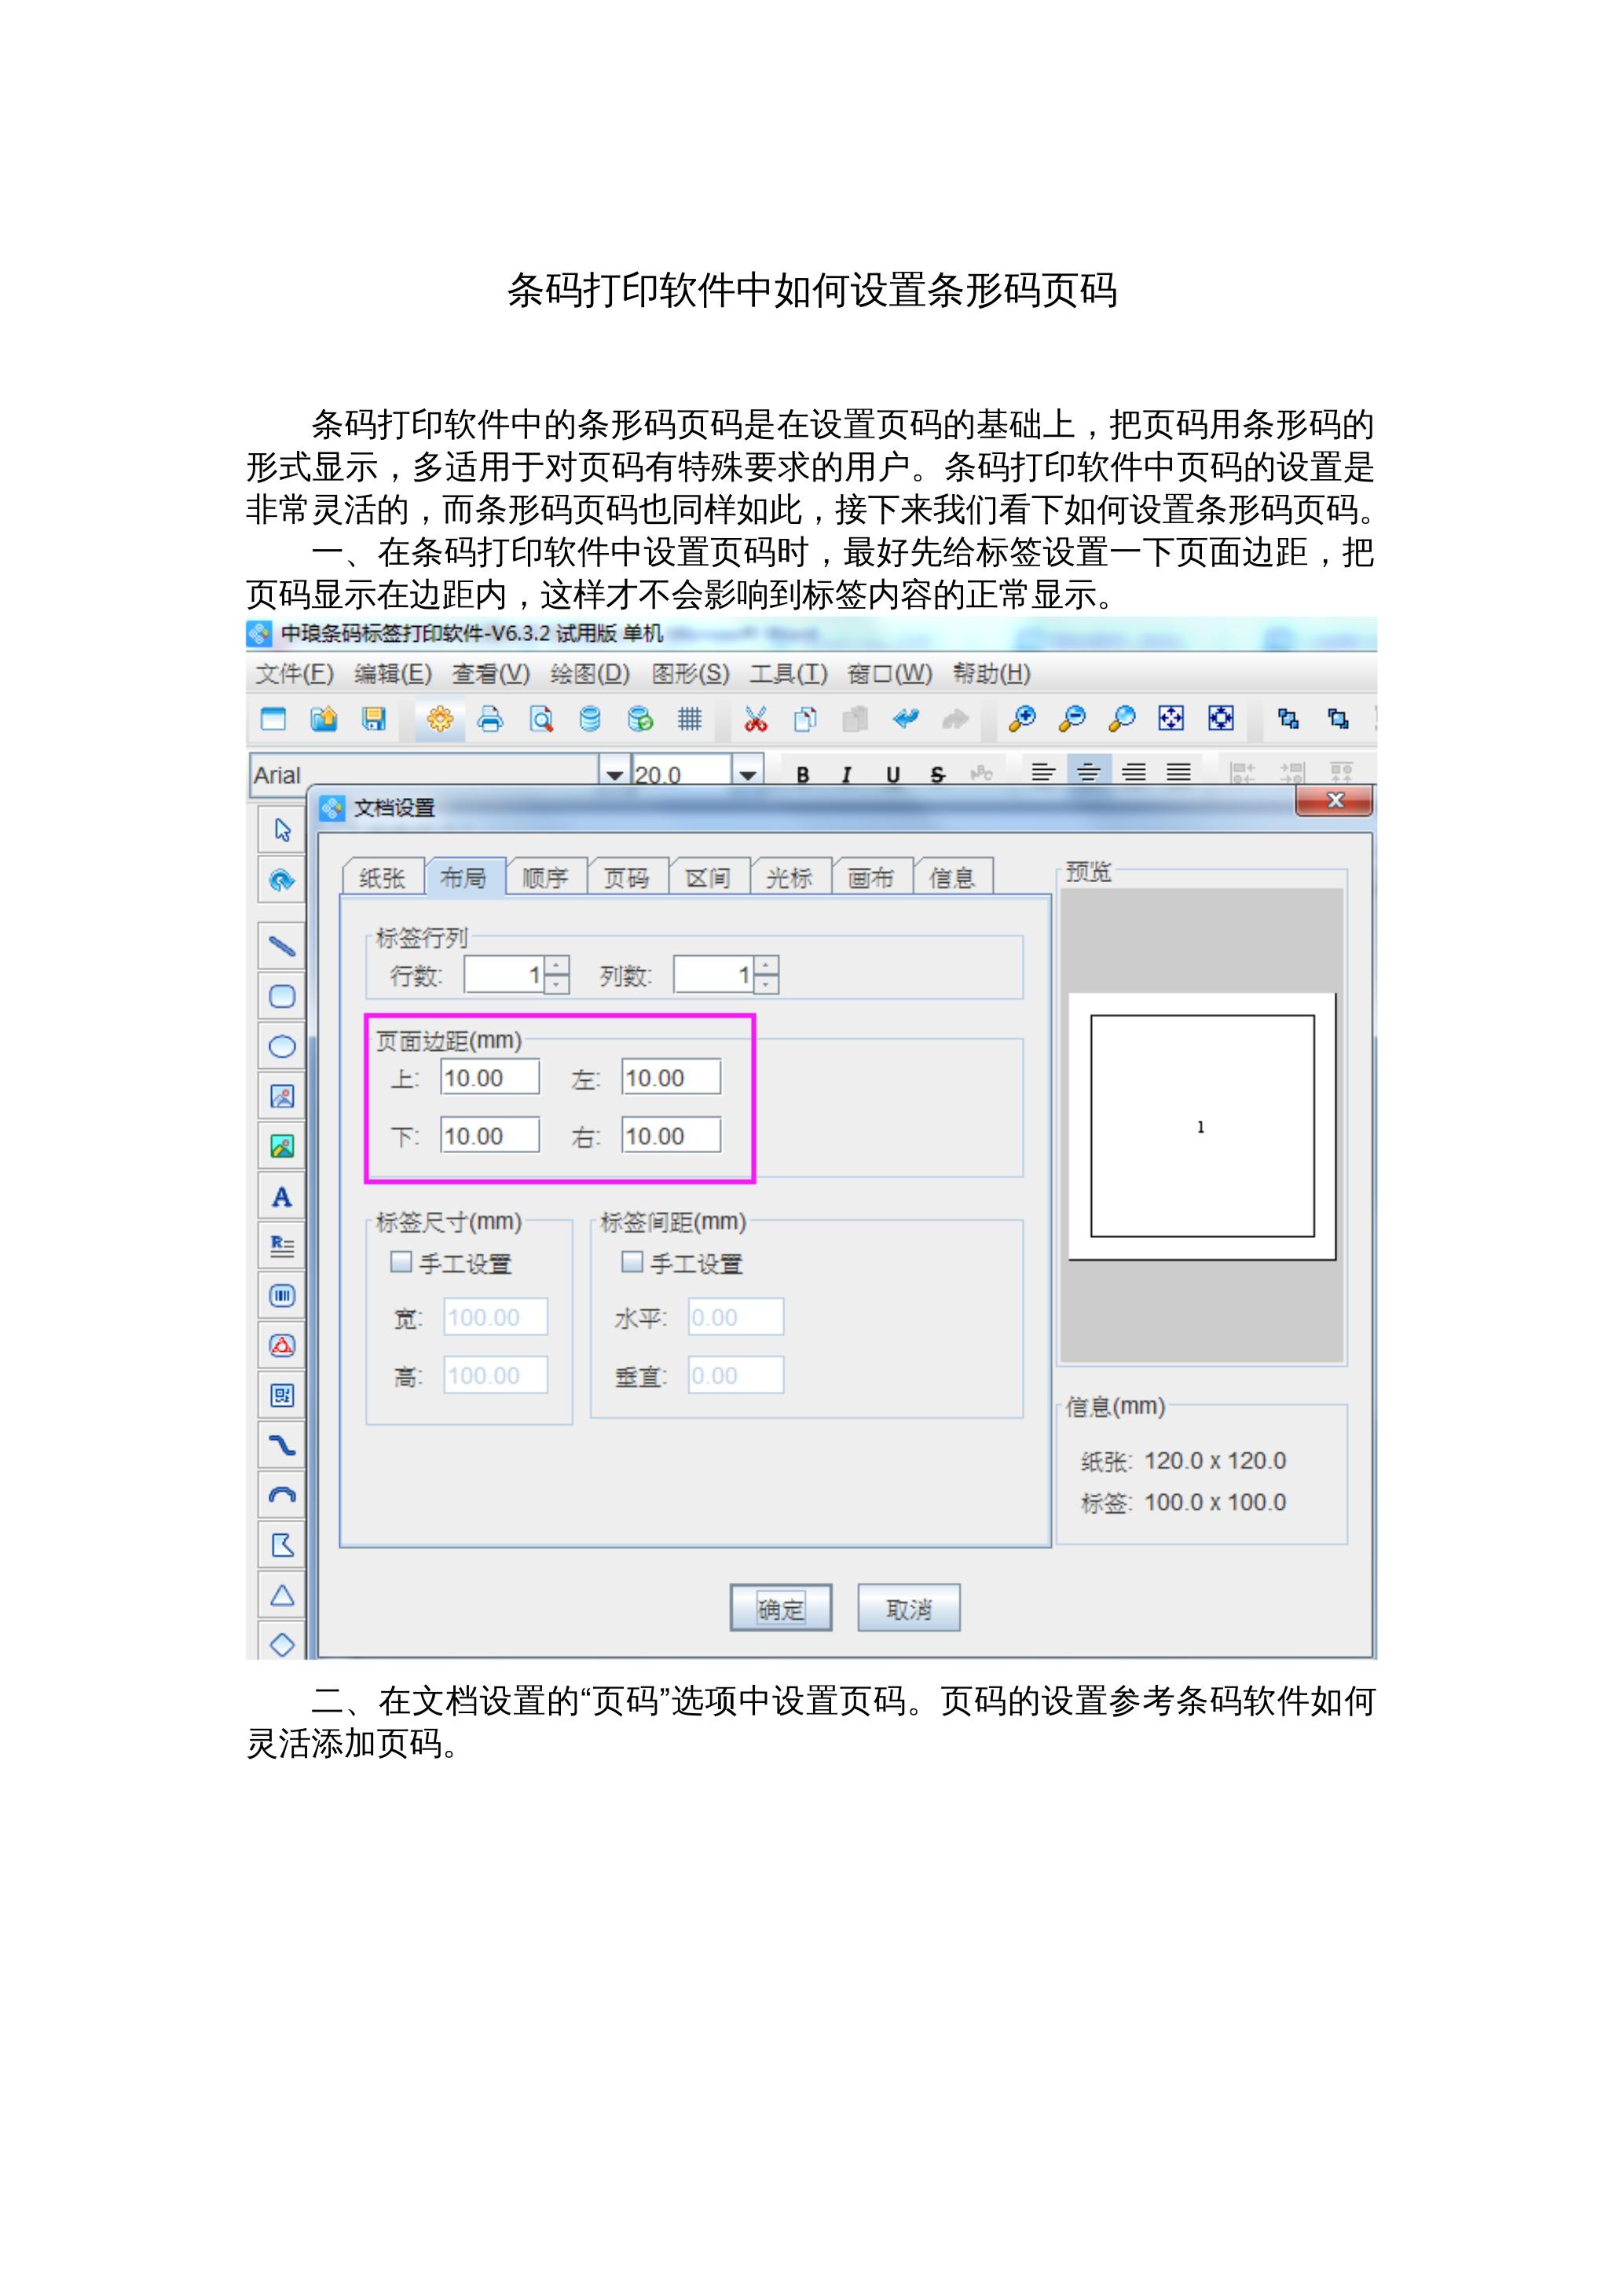 条码打印软件中如何设置条形码页码 封面